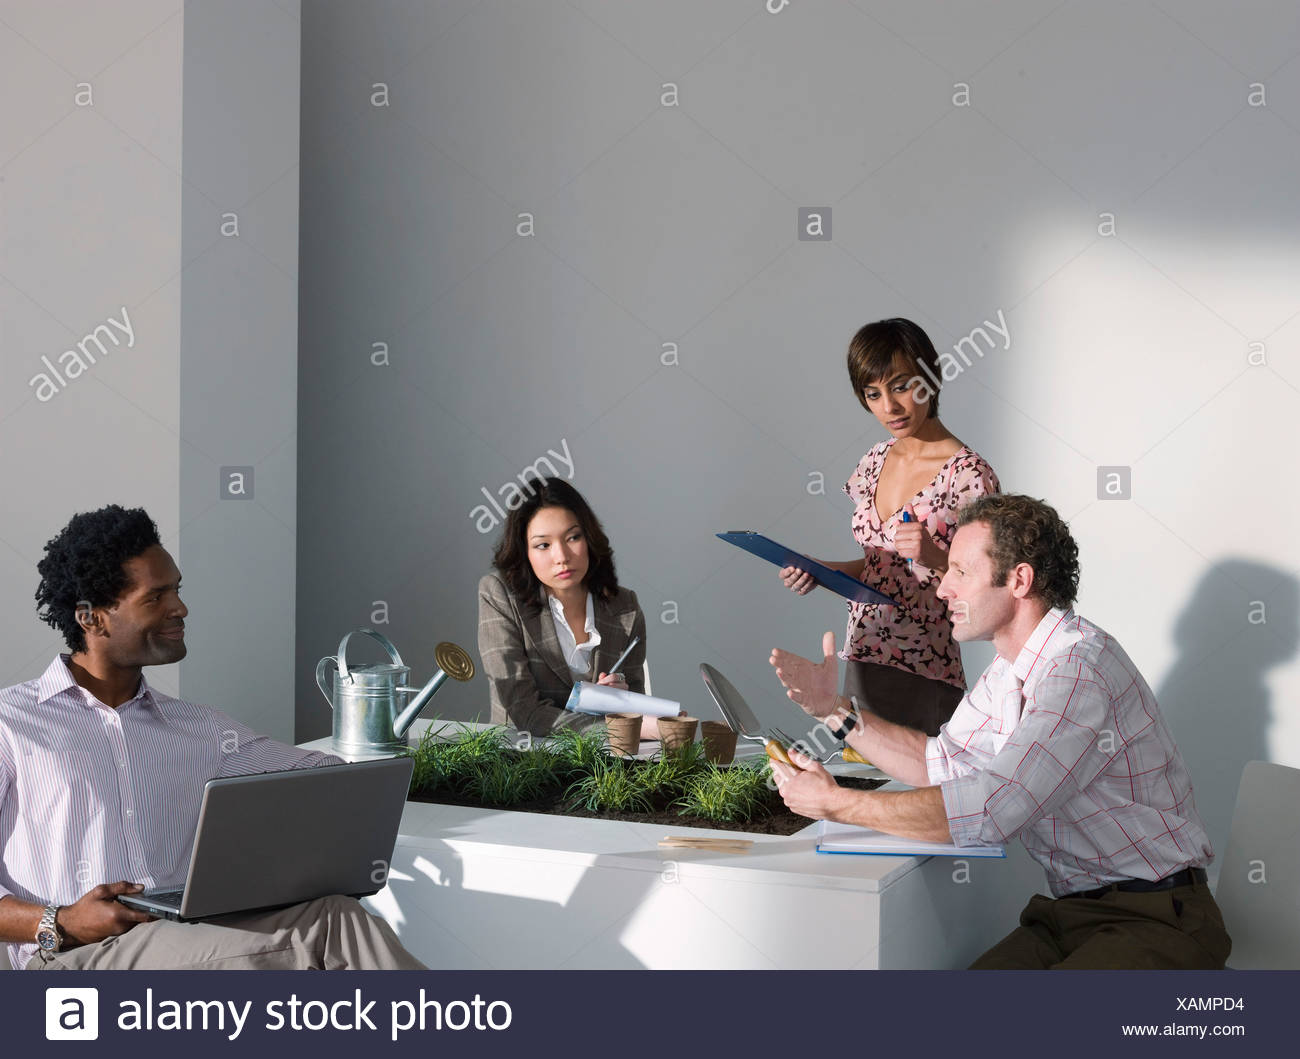 Ein Business-Meeting auf ein grünes Thema Stockbild